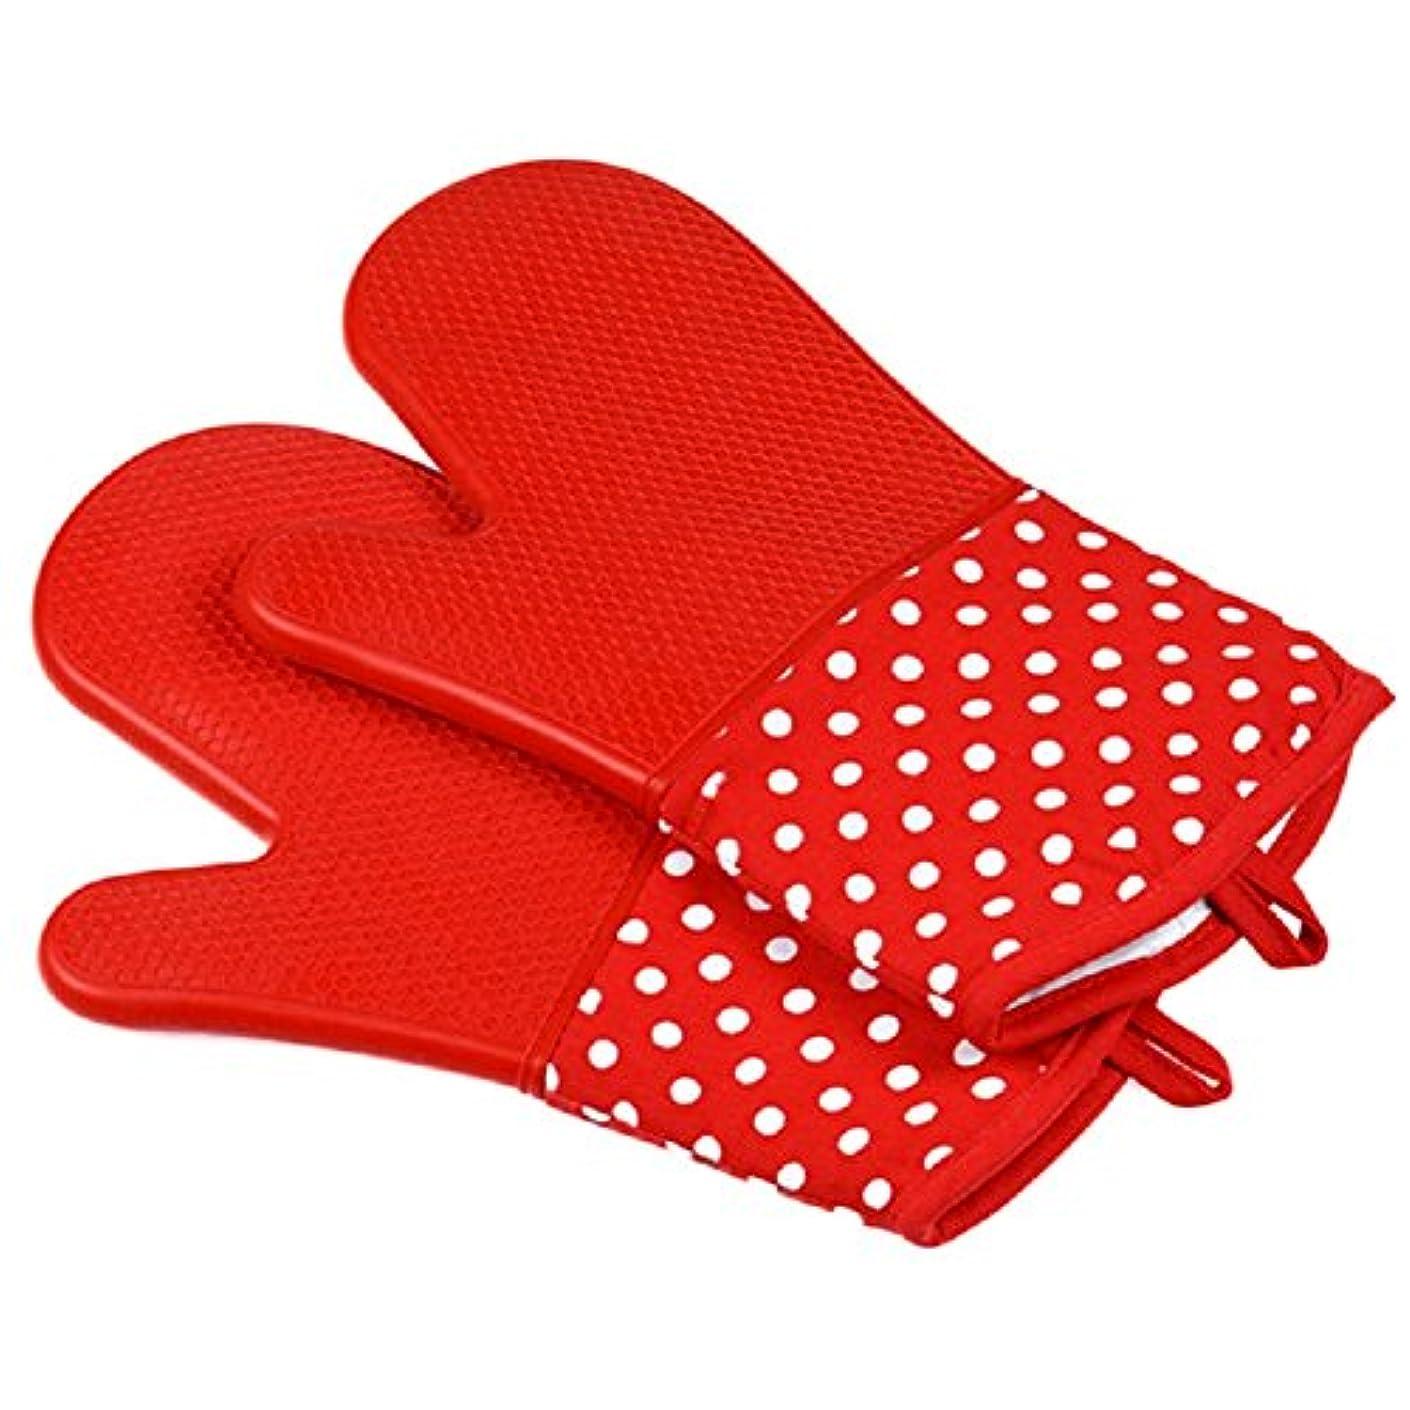 夕方骨髄初期OUYOU 耐熱グローブ シリコンチェック 耐熱温度300℃ キッチングローブ オーブンミトン シリコン手袋 滑り止め クッキング用 フリーサイズ 2個セット